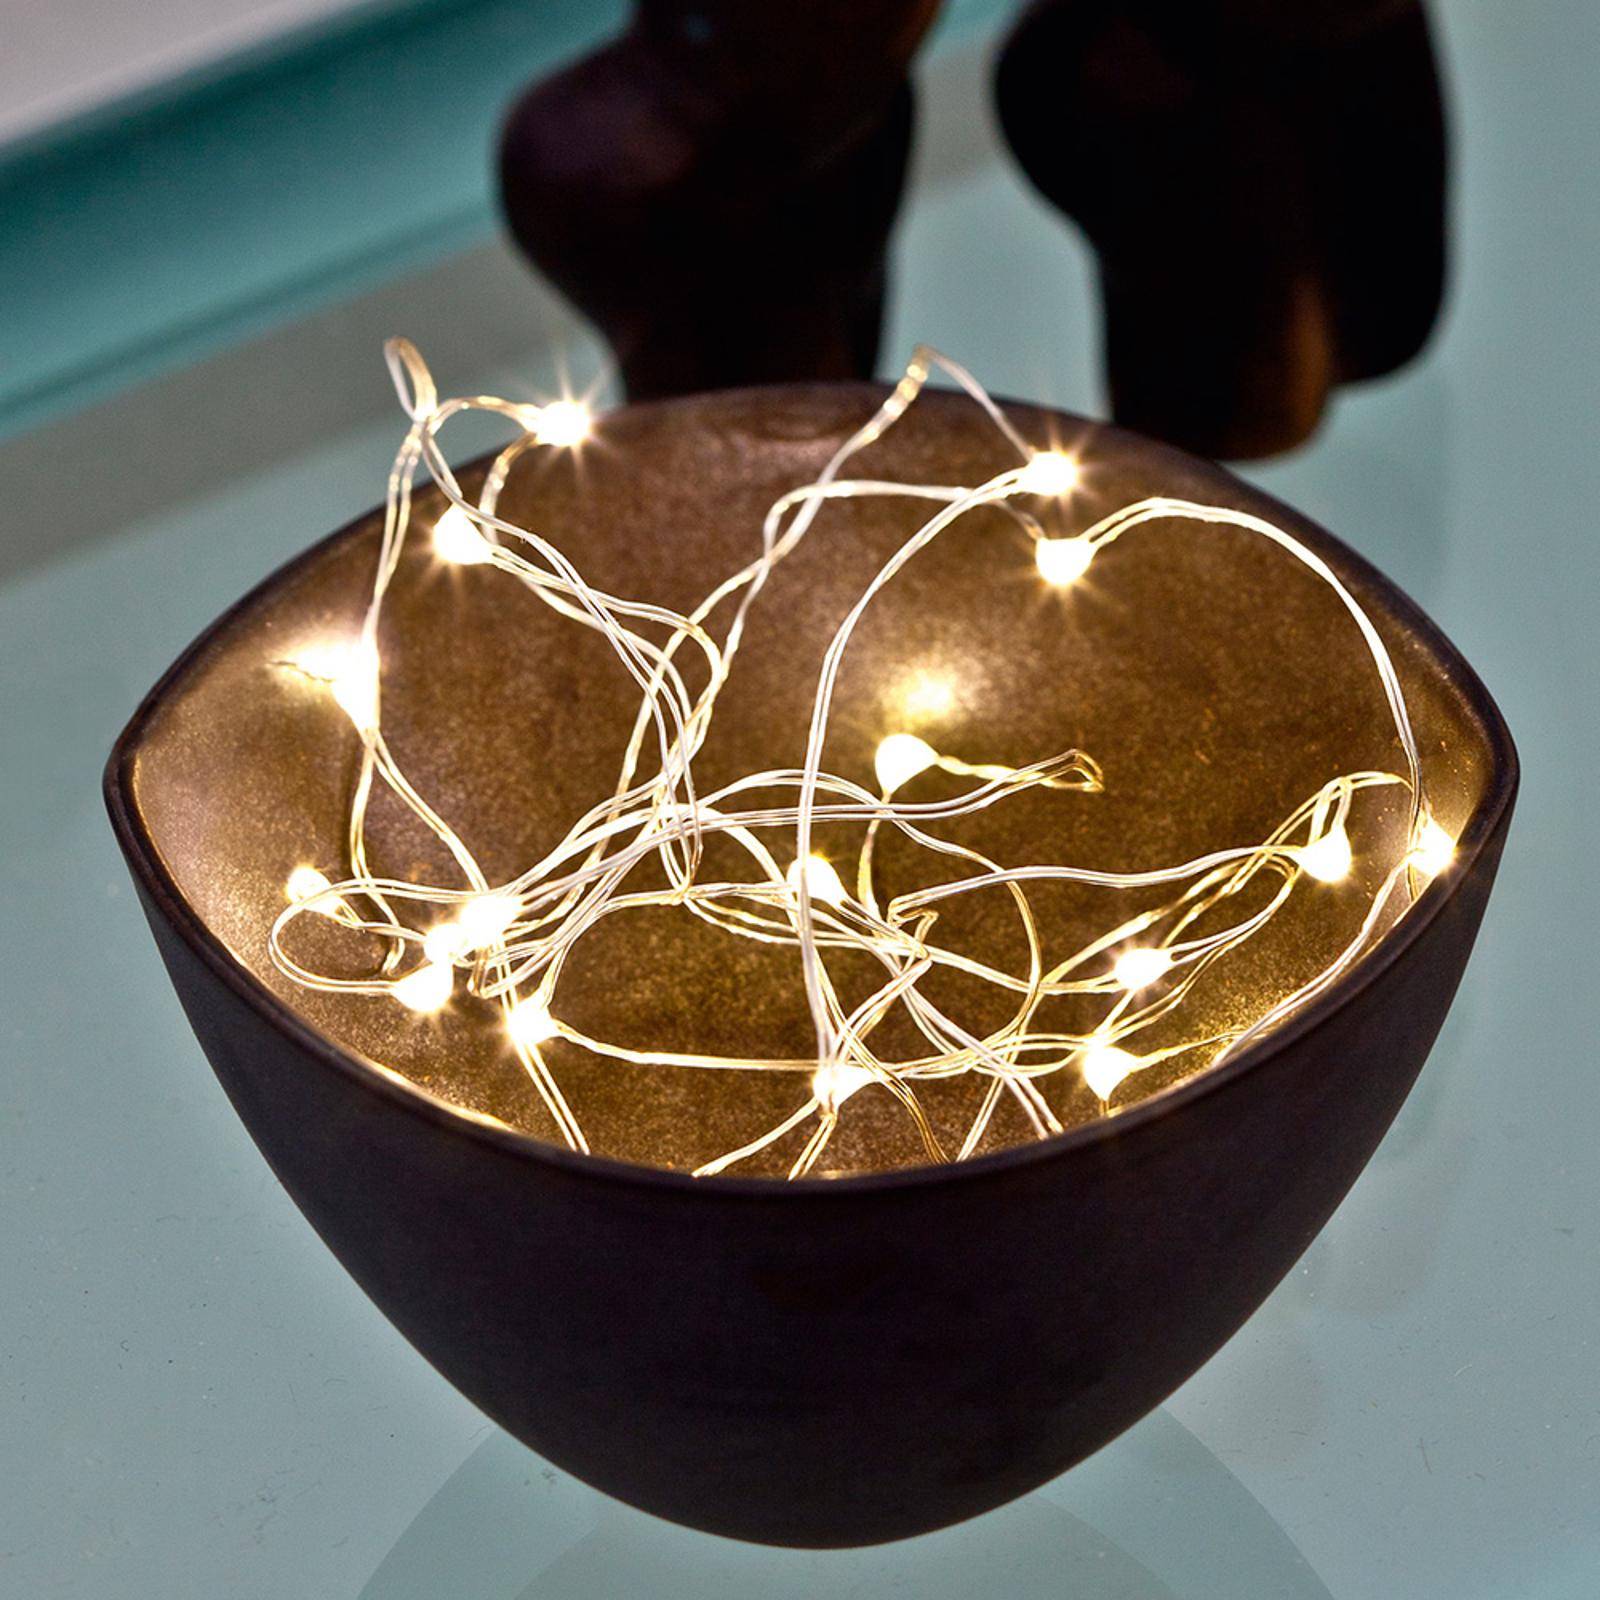 LED-valoketju Knirke, 20-lamppuinen